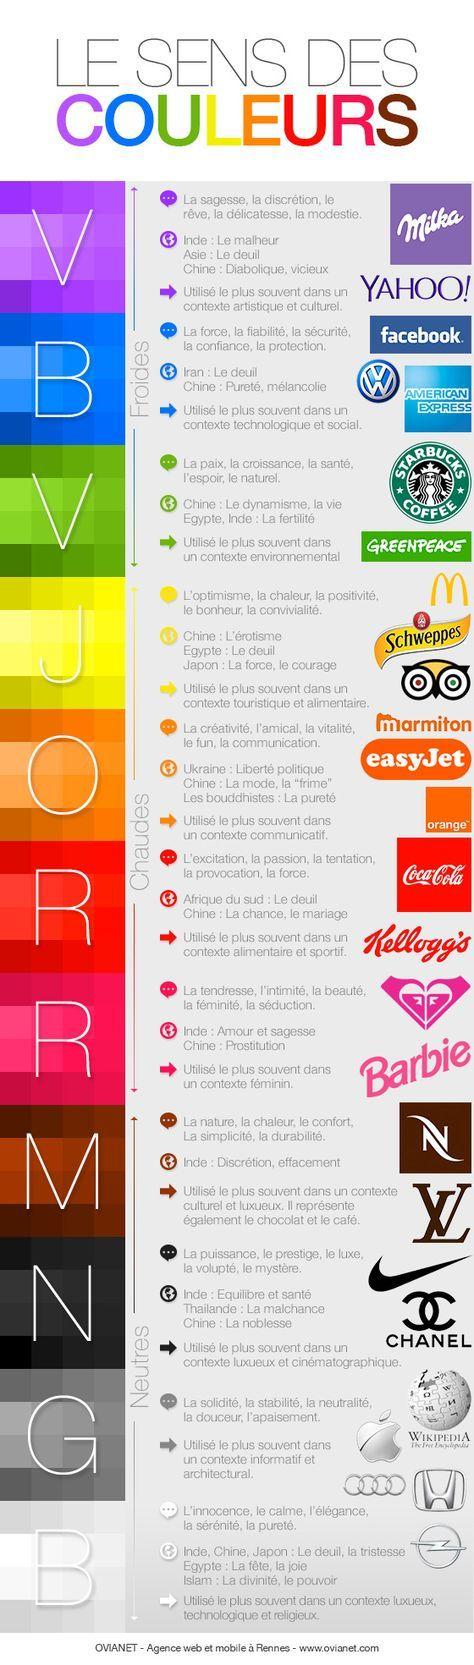 Le sens des couleurs dans les logos d'entreprise.